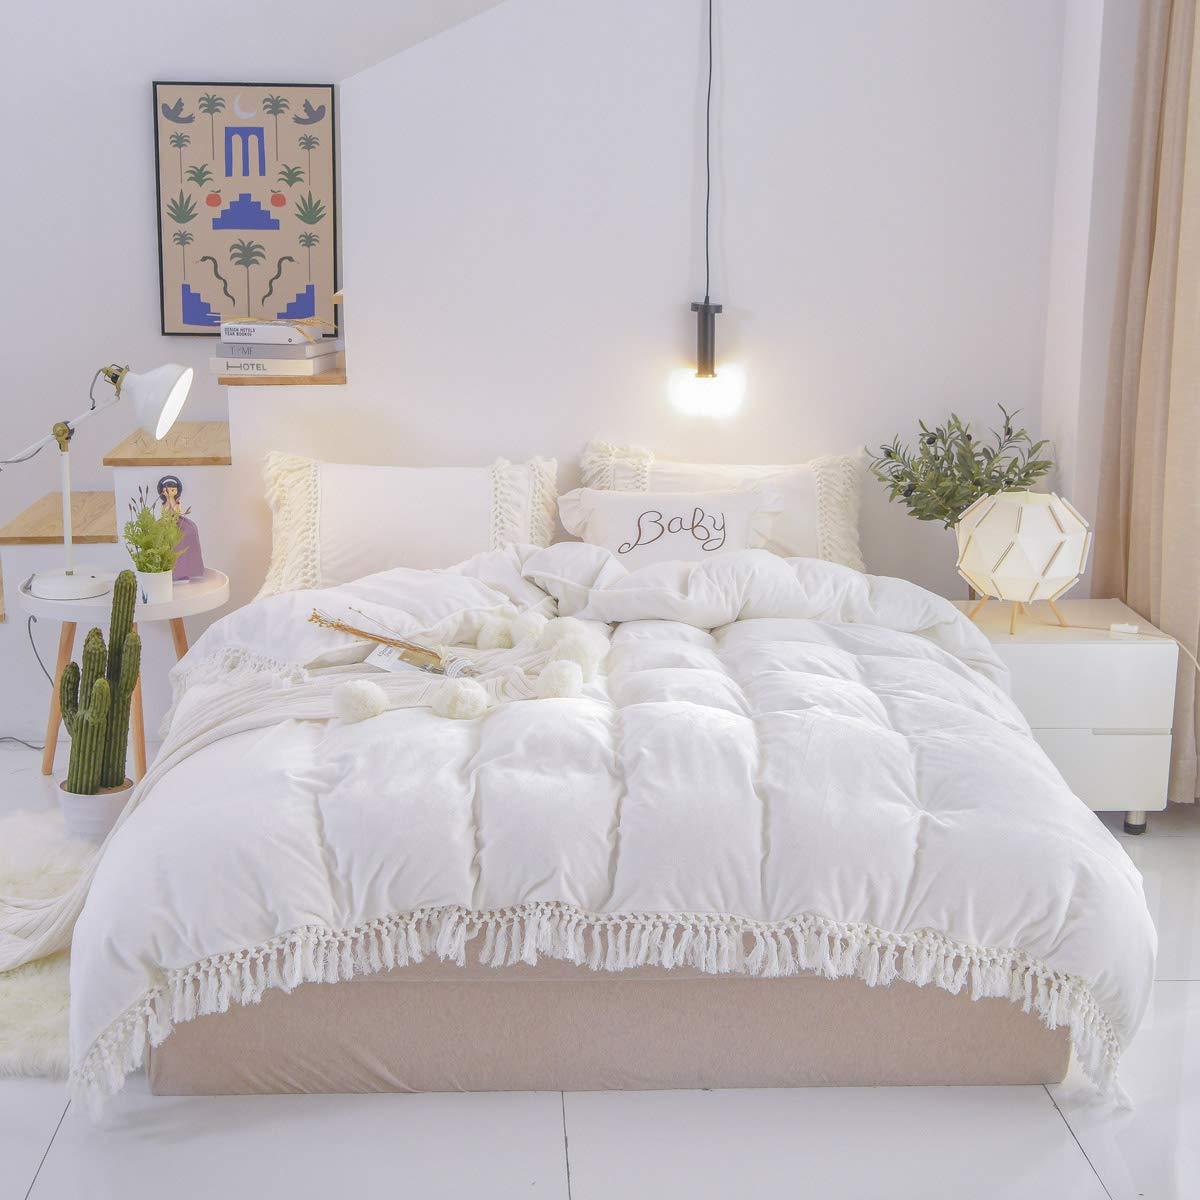 Brandream Tassel Duvet Cover Full 3 Pcs Velvet Flannel Bedding Bohemian Style Ruffle White Girls Bedding with Zipper Ties for Winter by Brandream